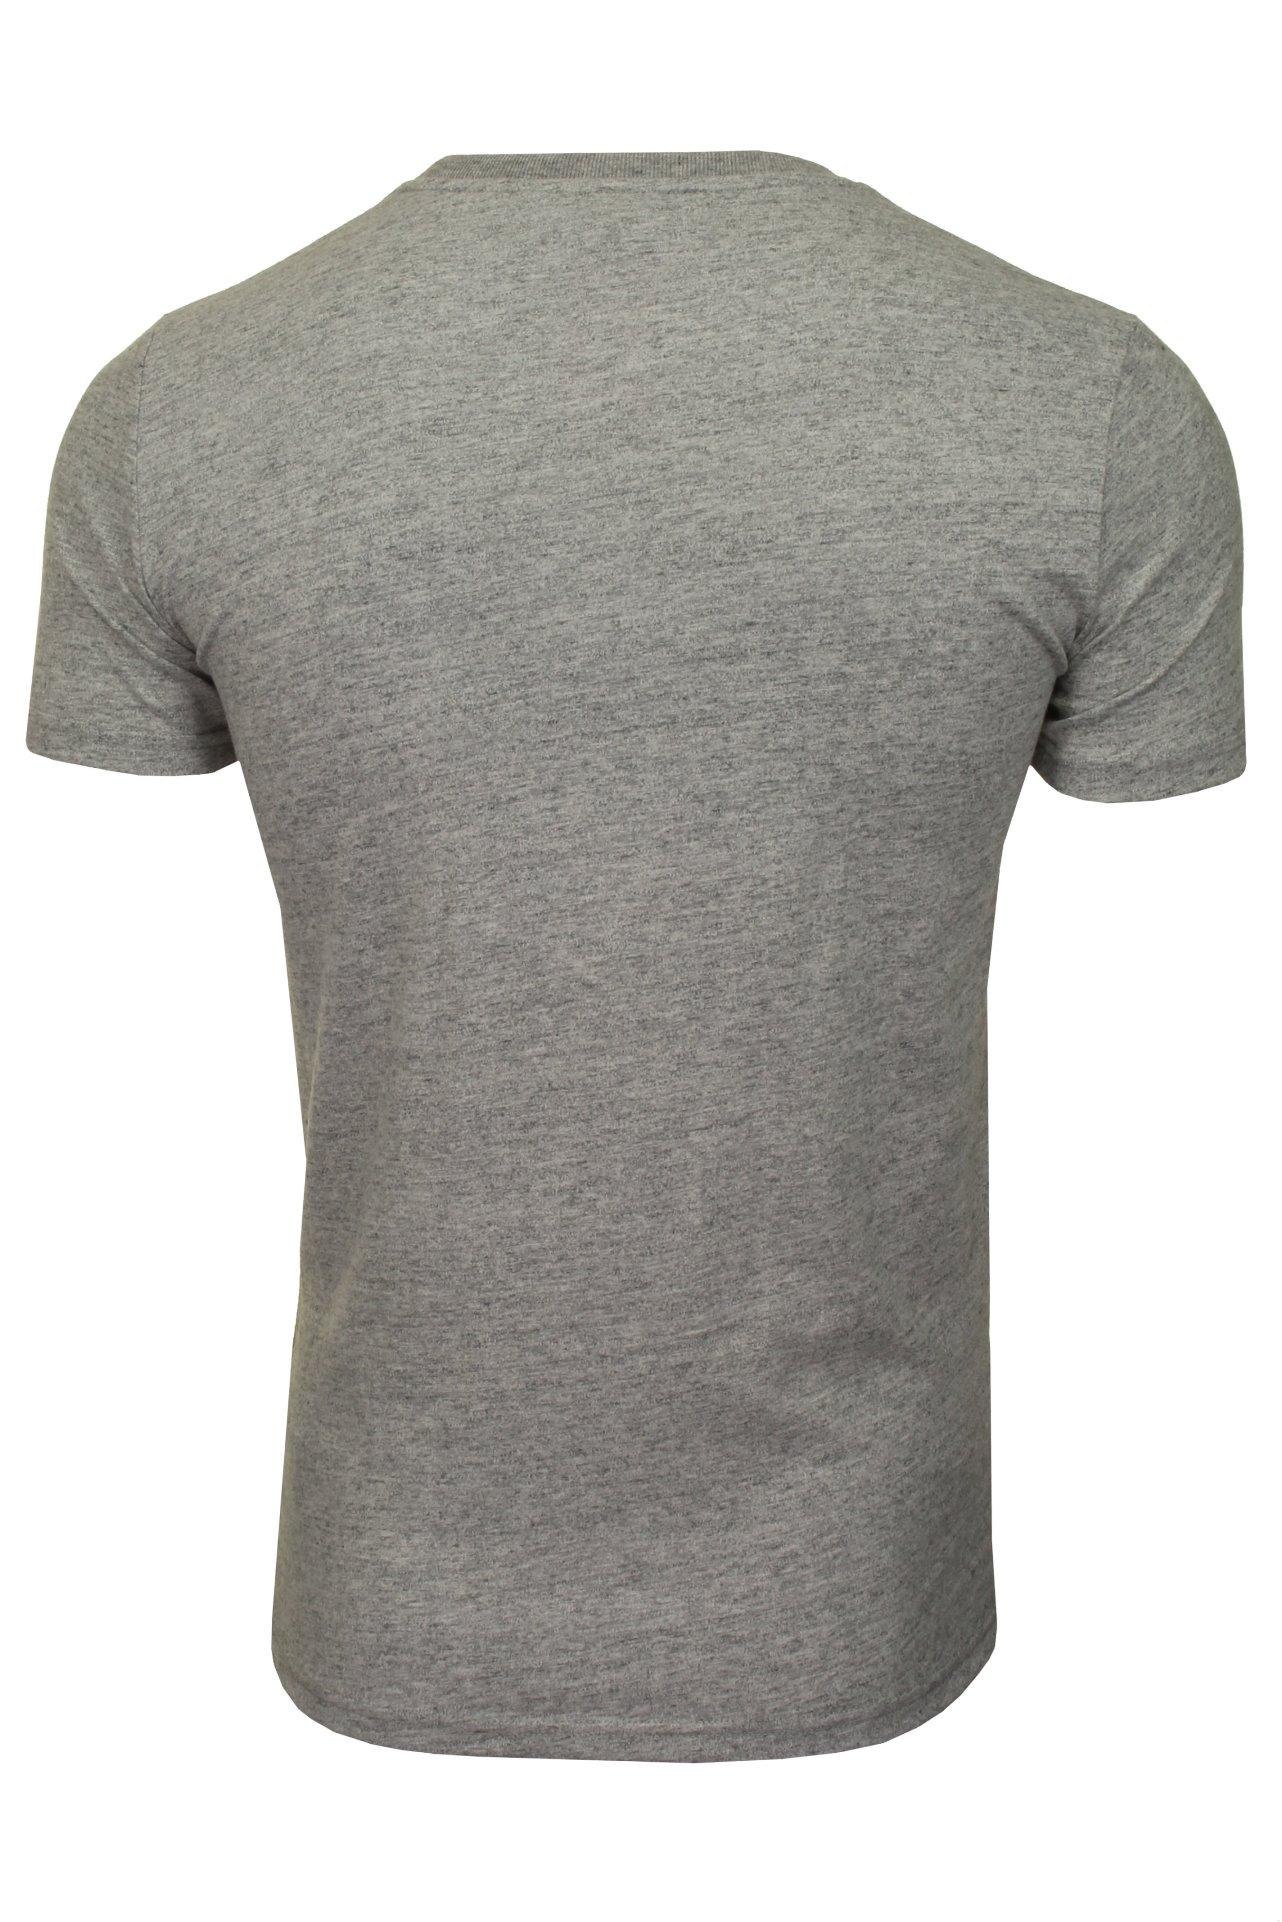 Superdry-T-shirt-homme-034-Cross-Hatch-TEE-034 miniature 4